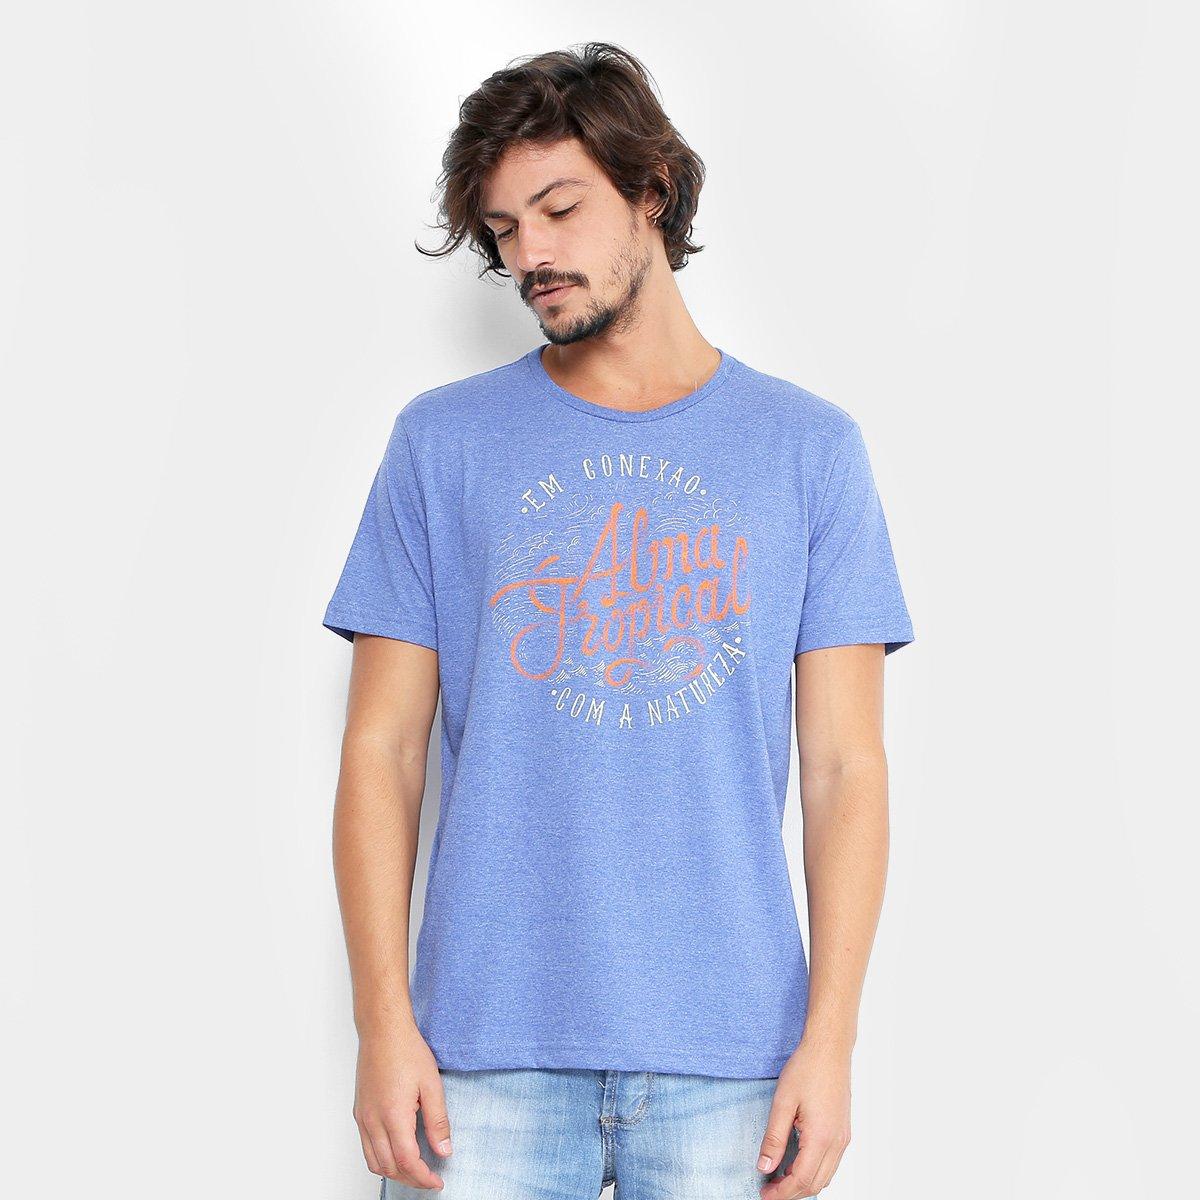 3516cc6f04 ... Camiseta Tropical Brasil Conexão Masculina